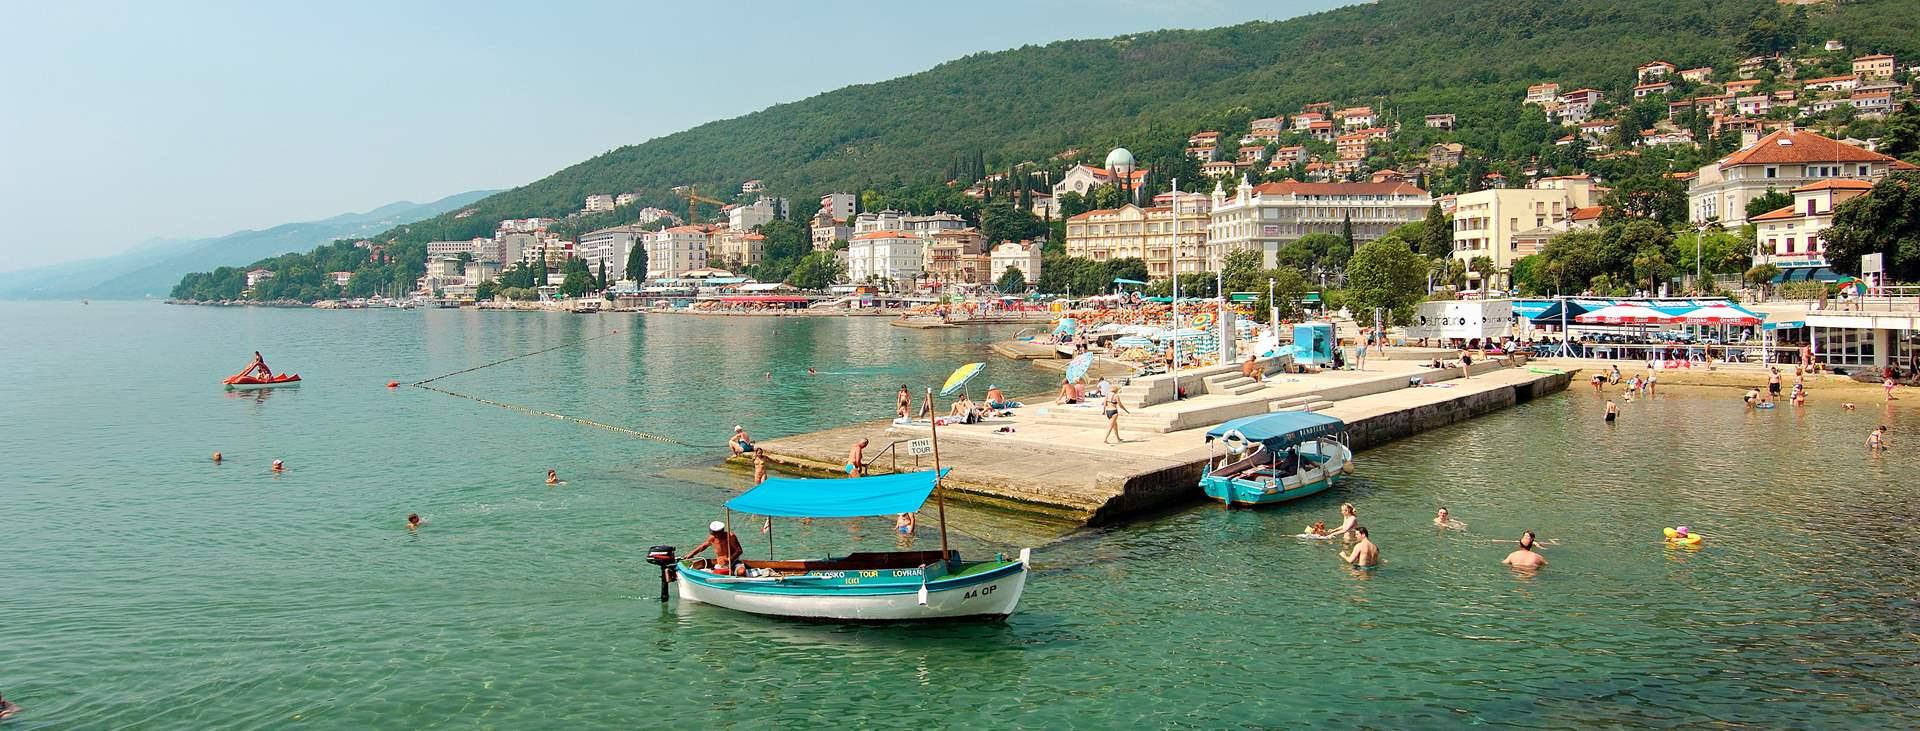 Resor till Opatija i Istrien i Kroatien